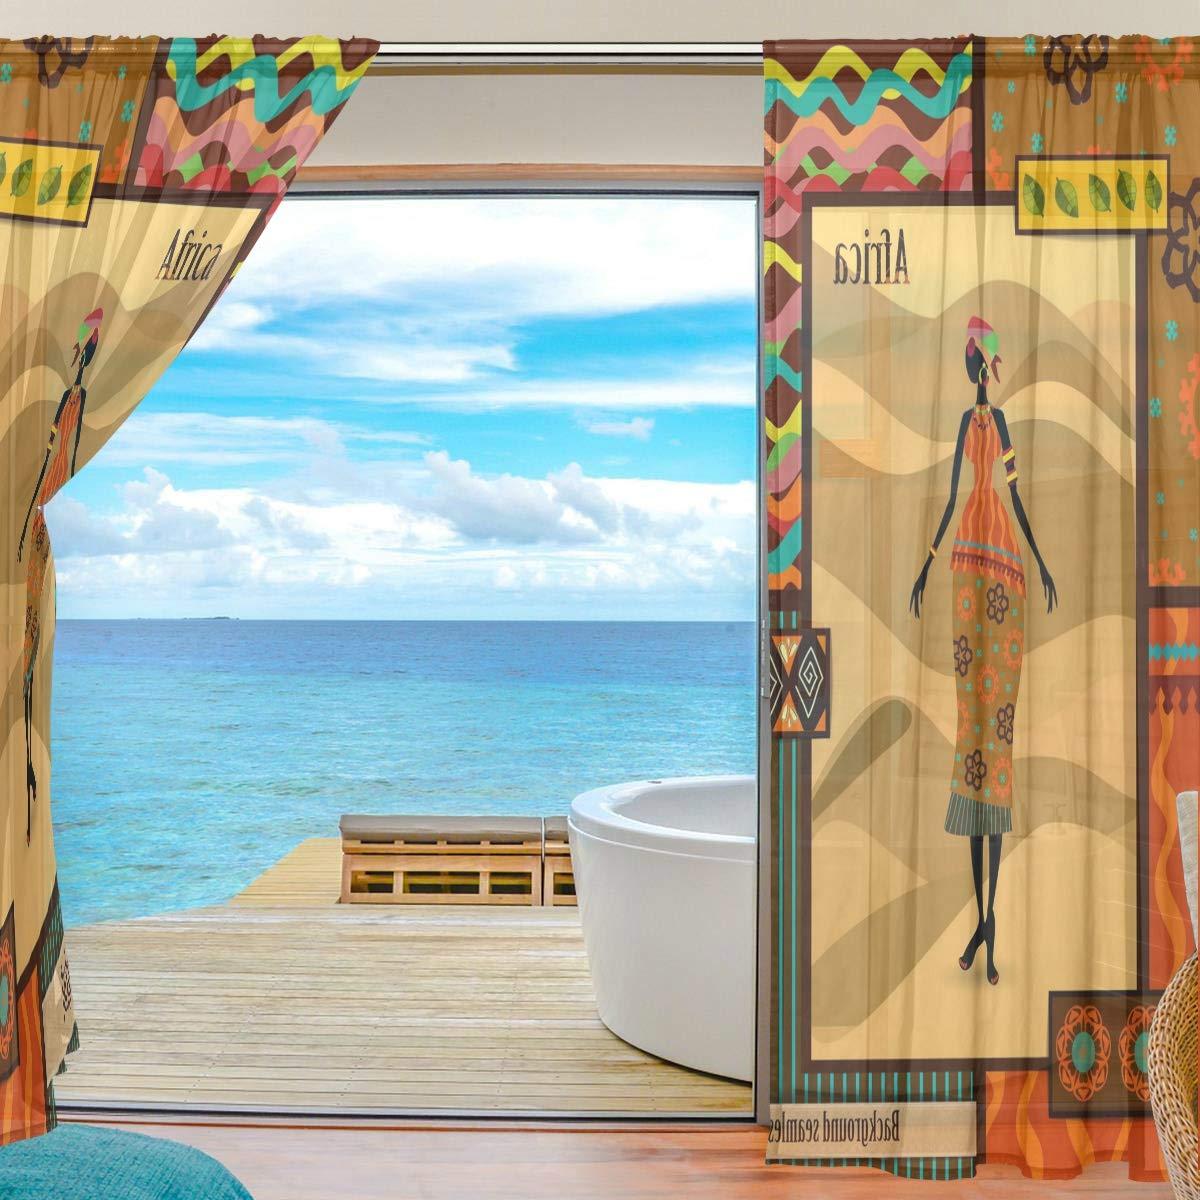 La Décoration De Fenêtre Polyester In Rideau De Fenêtre Isaao Style Africain  En Tulle Pour La Maison 55x84x2 Multicolore Le Salon La Chambre à Coucher